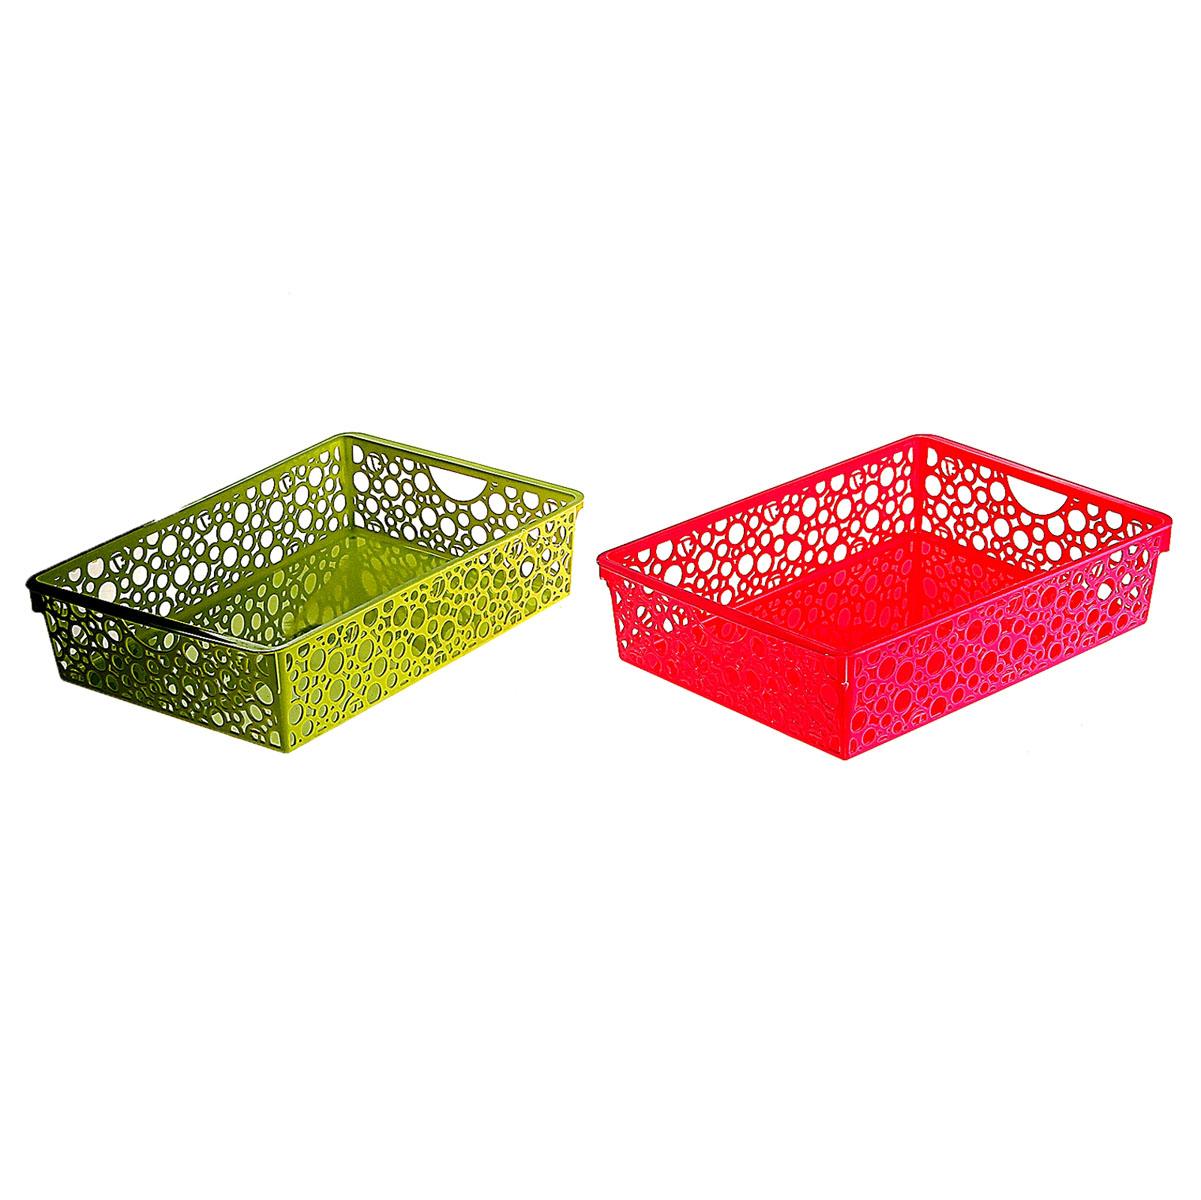 Корзина для мелочей с ручками, 34*25*8 см, 848403 цвет розовый848403Корзина для мелочей с ручками, 34*25*8 см, микс цвета 848403 Материал: Пластик